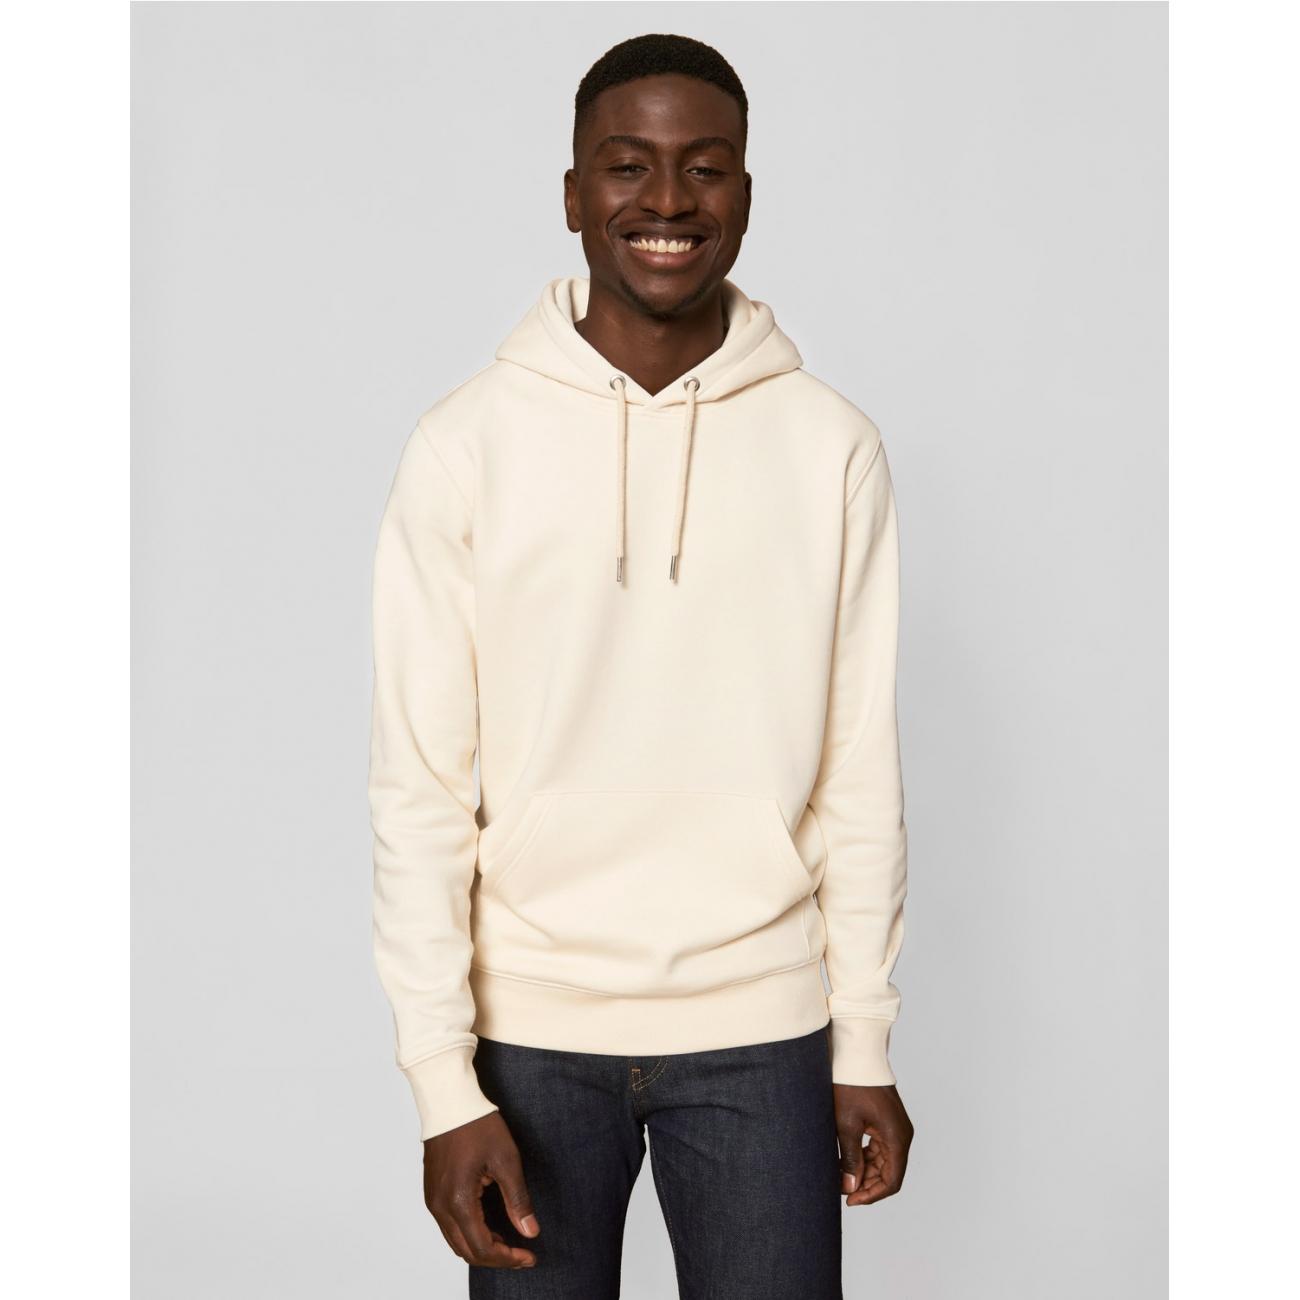 https://tee-shirt-bio.com/10016-thickbox_default/sweat-shirt-homme-capuche-epais-et-interieur-doux-coton-bio-sans-teinture-coton-brut.jpg